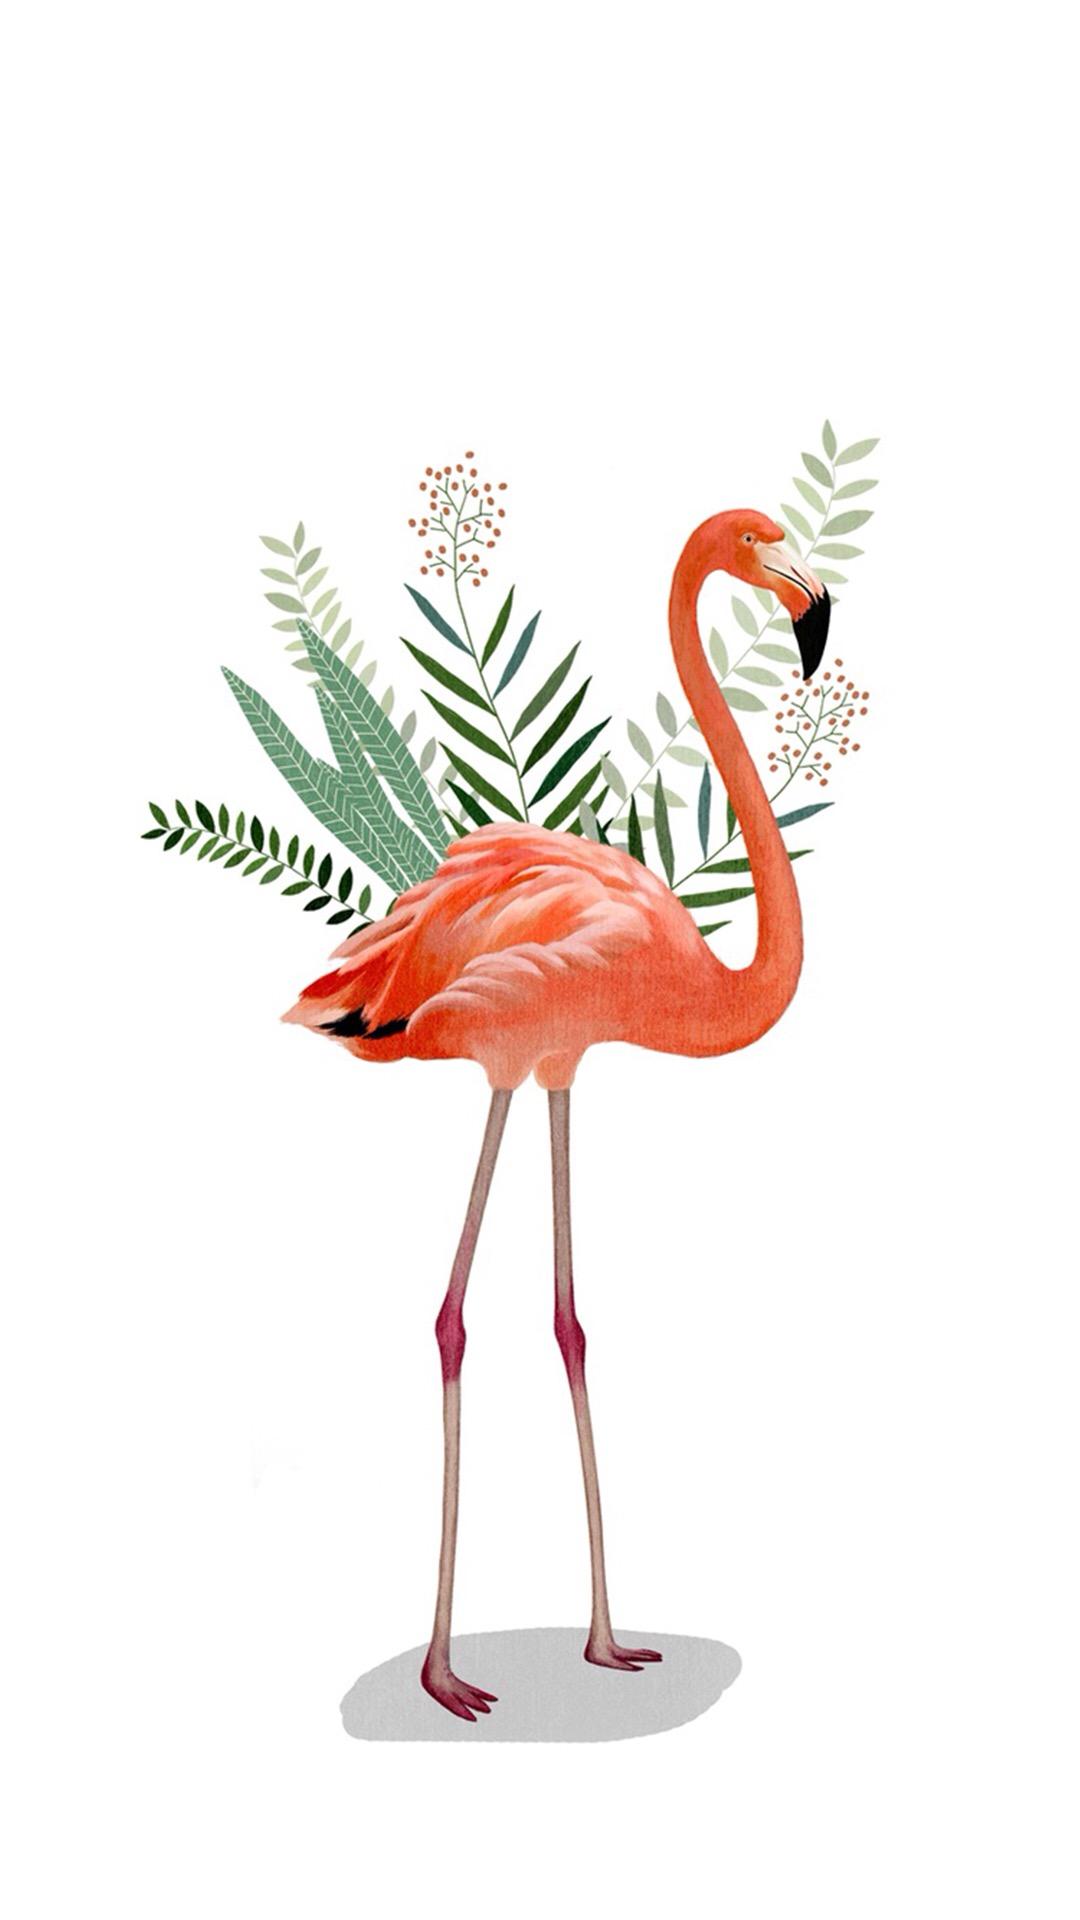 火烈鸟 粉色 手绘 插画 叶子 动物